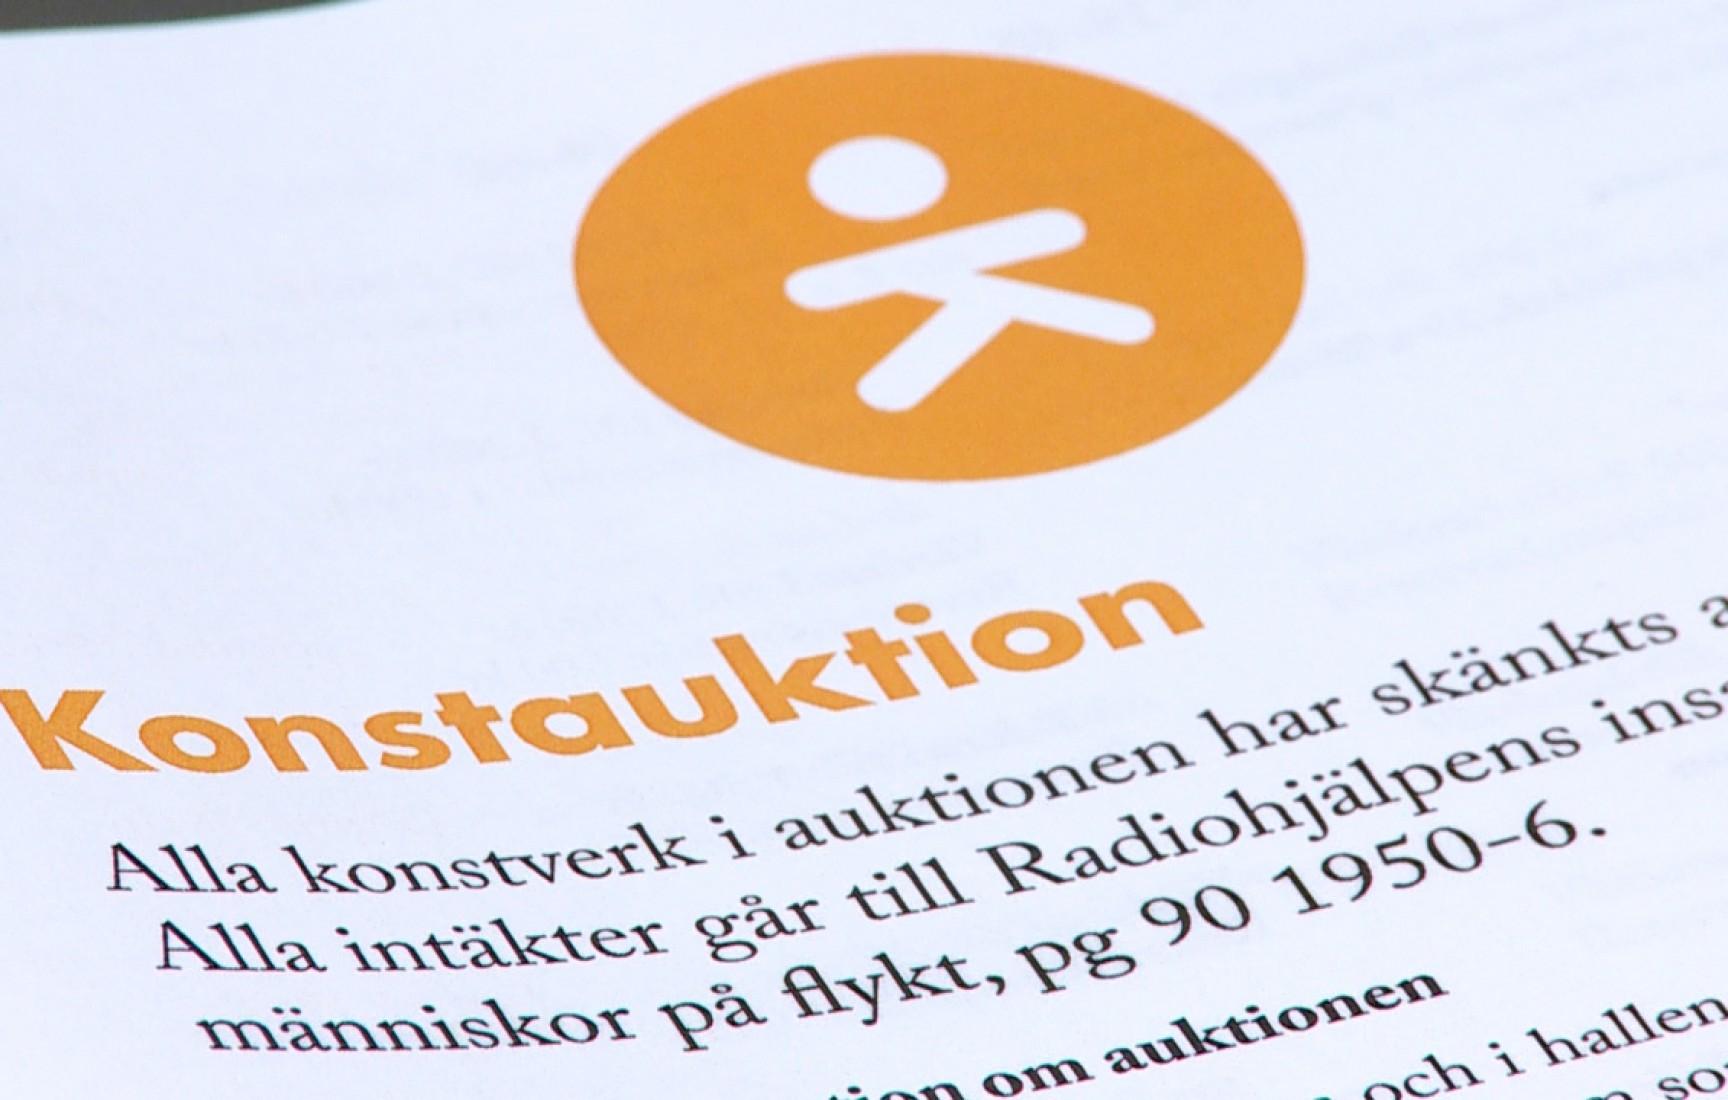 Stödkväll på Kristinehamns konstmuseum gav 60000 kr